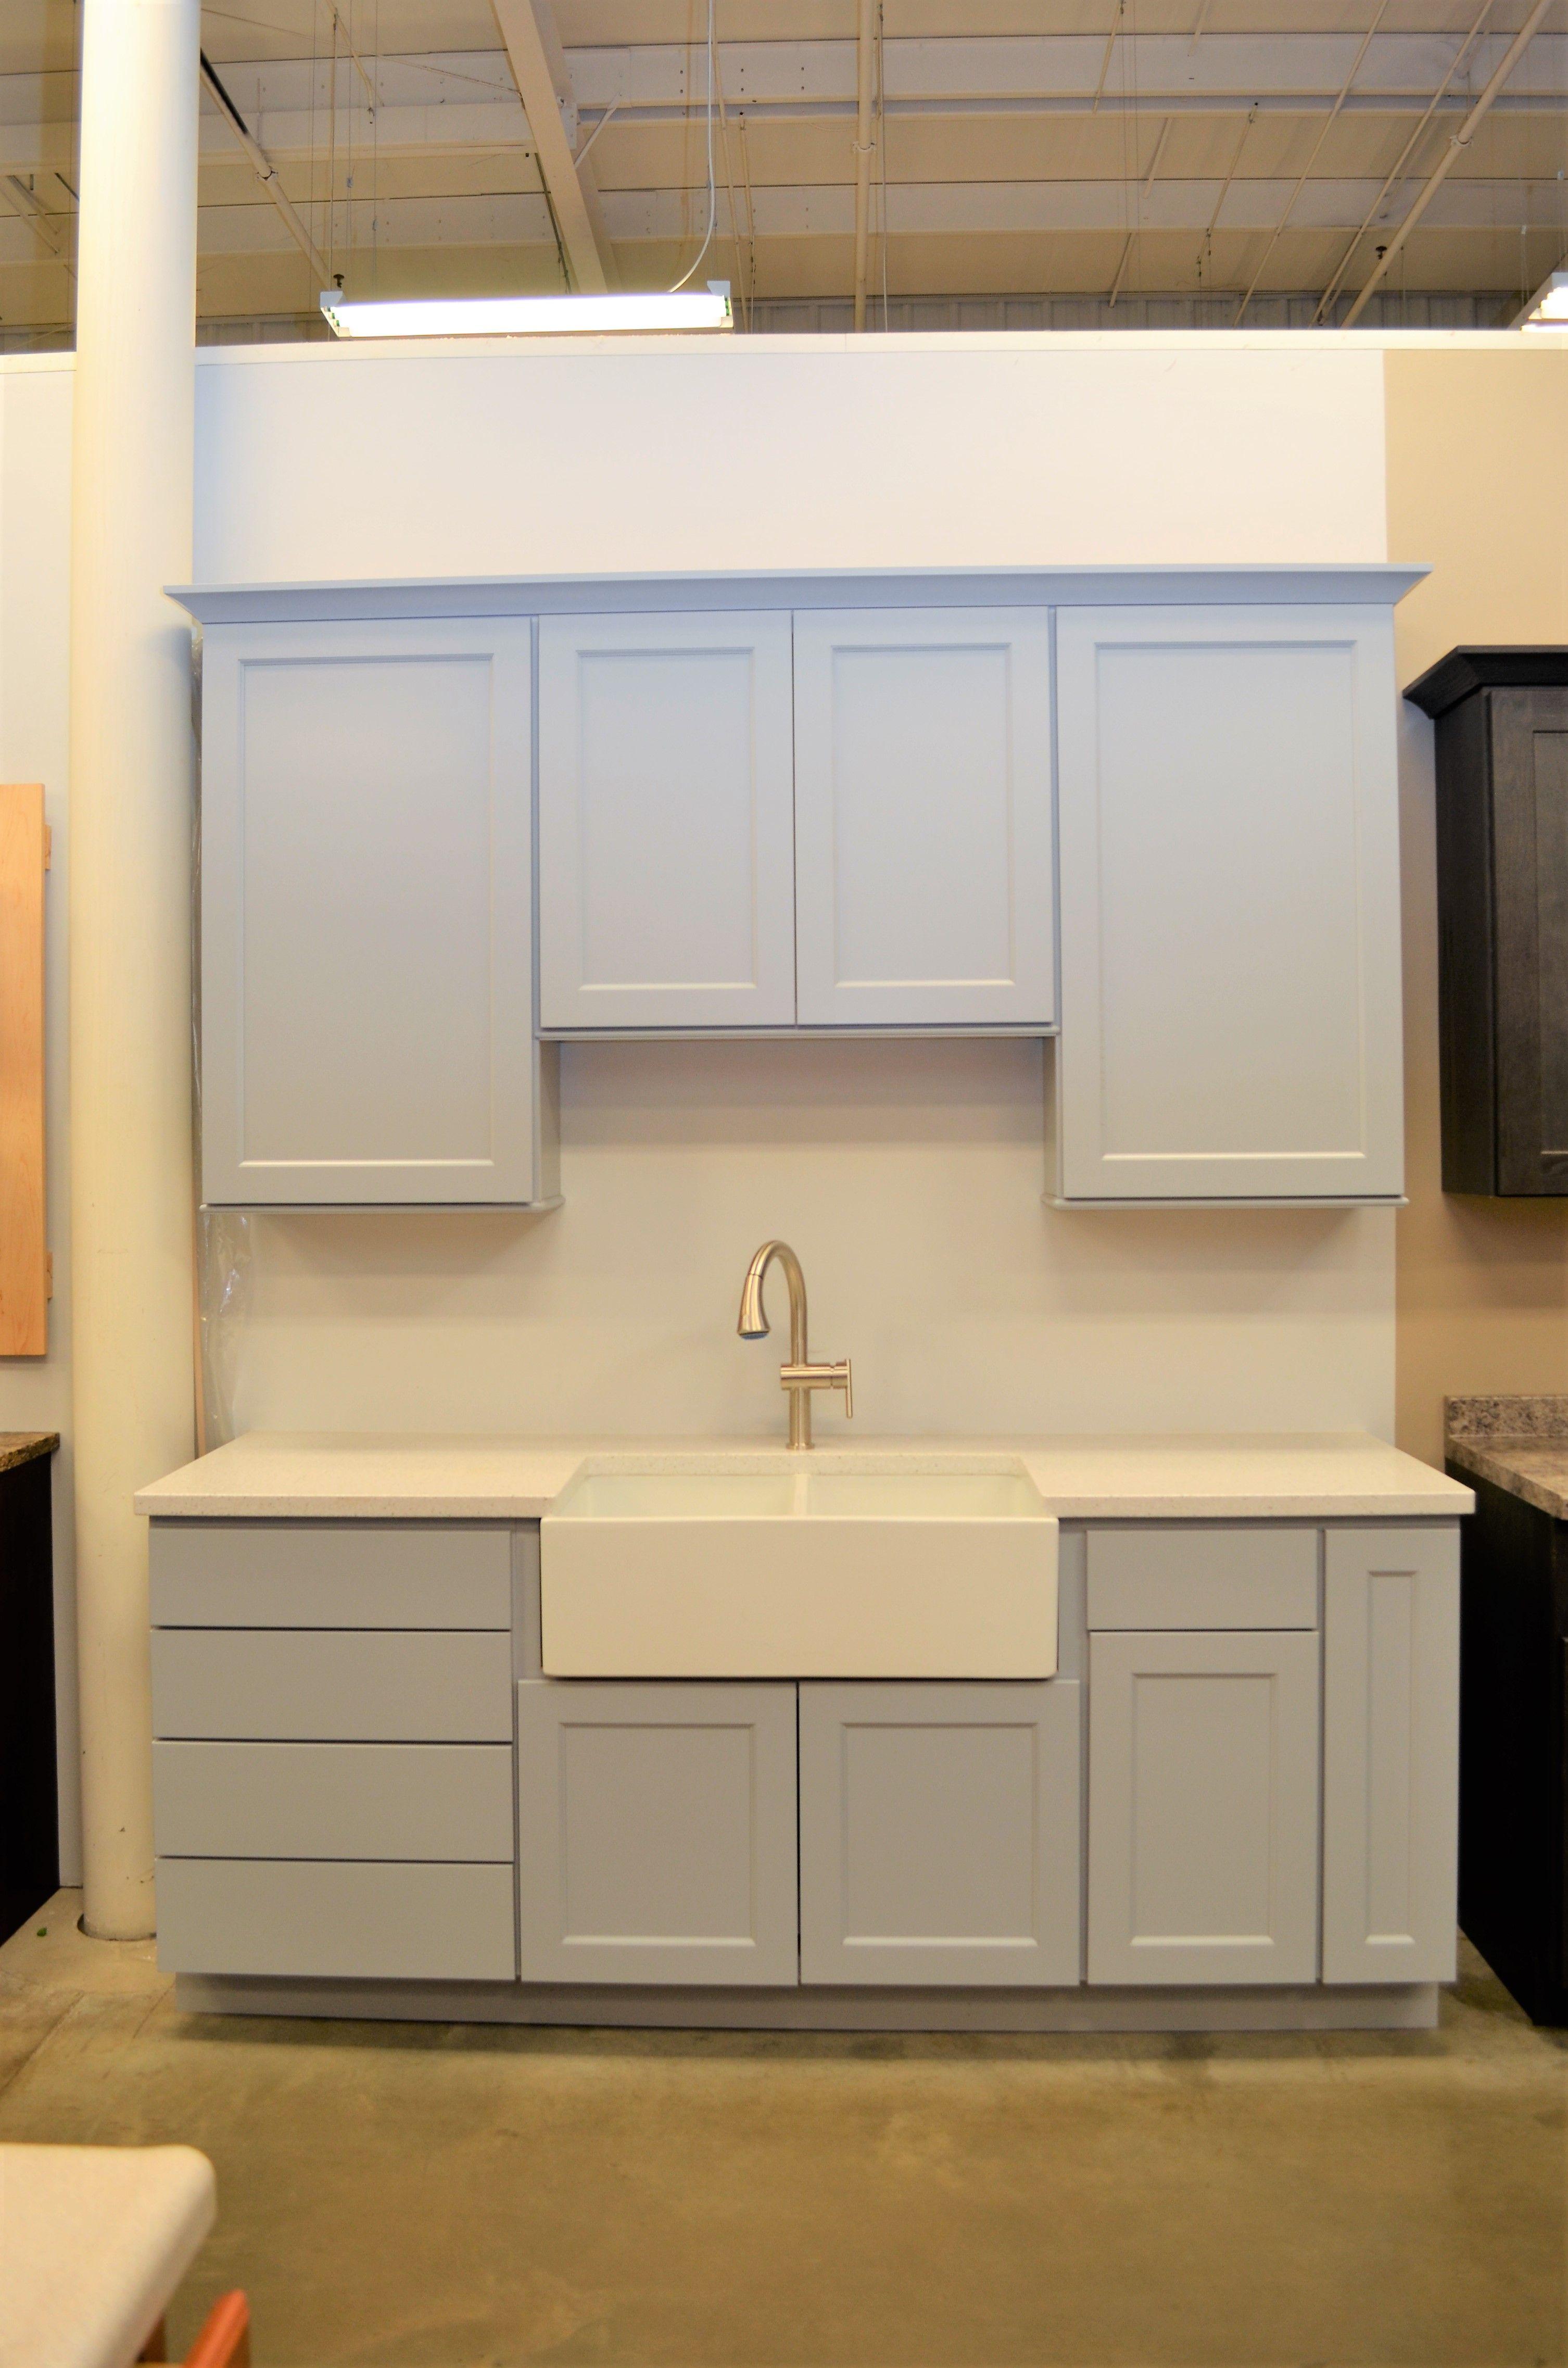 Bailey's Showroom Wall display Kitchen